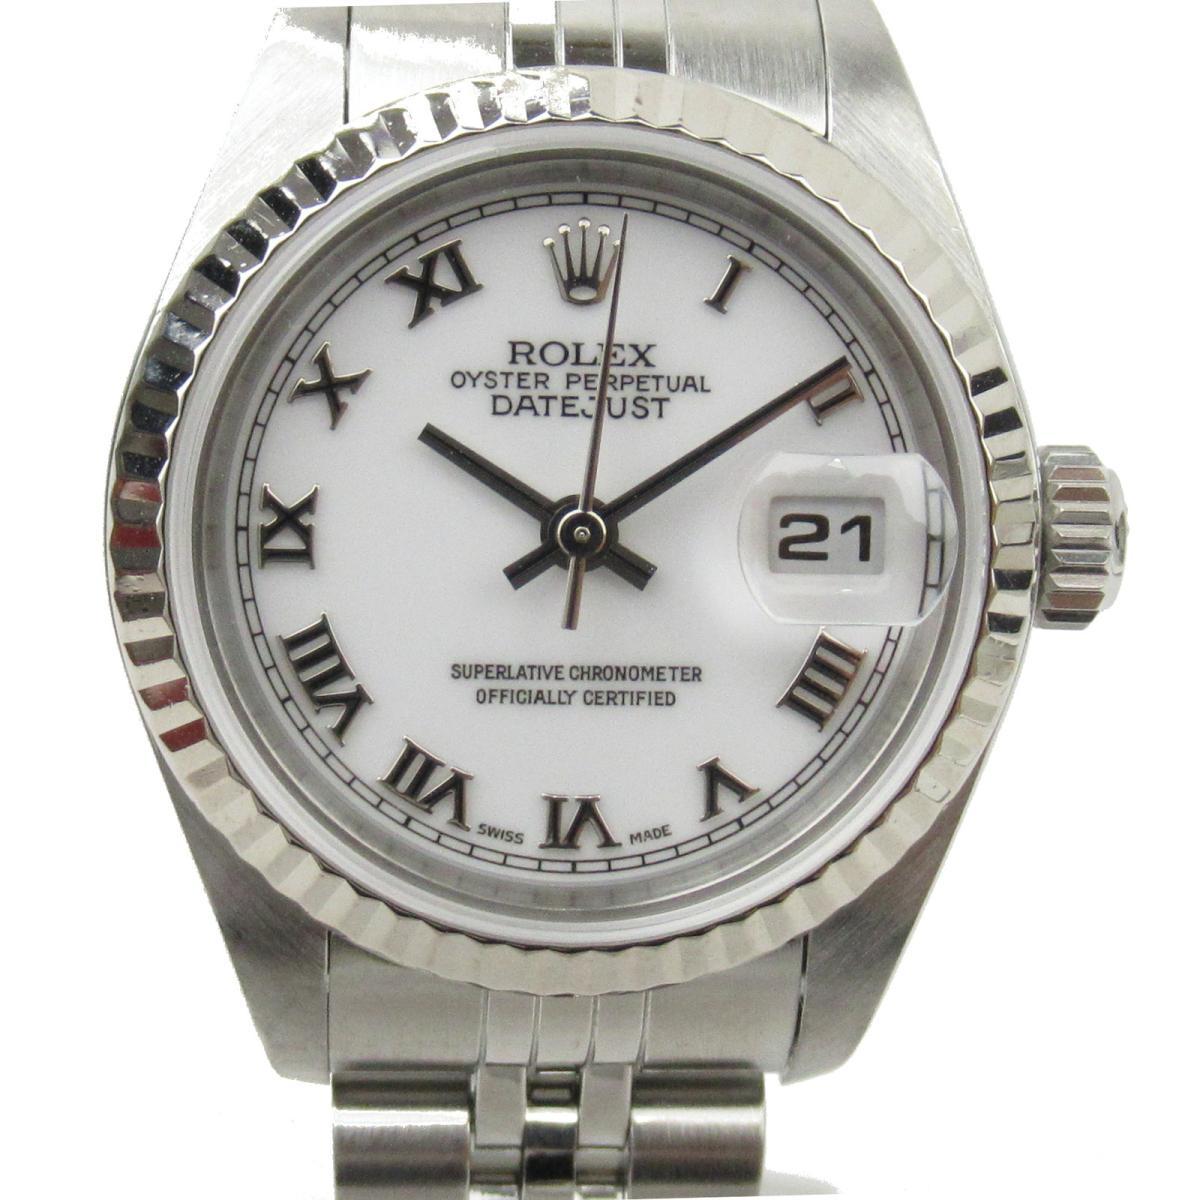 ≪期間限定≫メルマガ登録でクーポンGET! 【中古】 ロレックス デイトジャスト 腕時計 レディース K18WG (750)ホワイトゴールド ステンレススチール (SS) (79174 Y番) | ROLEX BRANDOFF ブランドオフ ブランド ブランド時計 ブランド腕時計 時計 ウォッチ